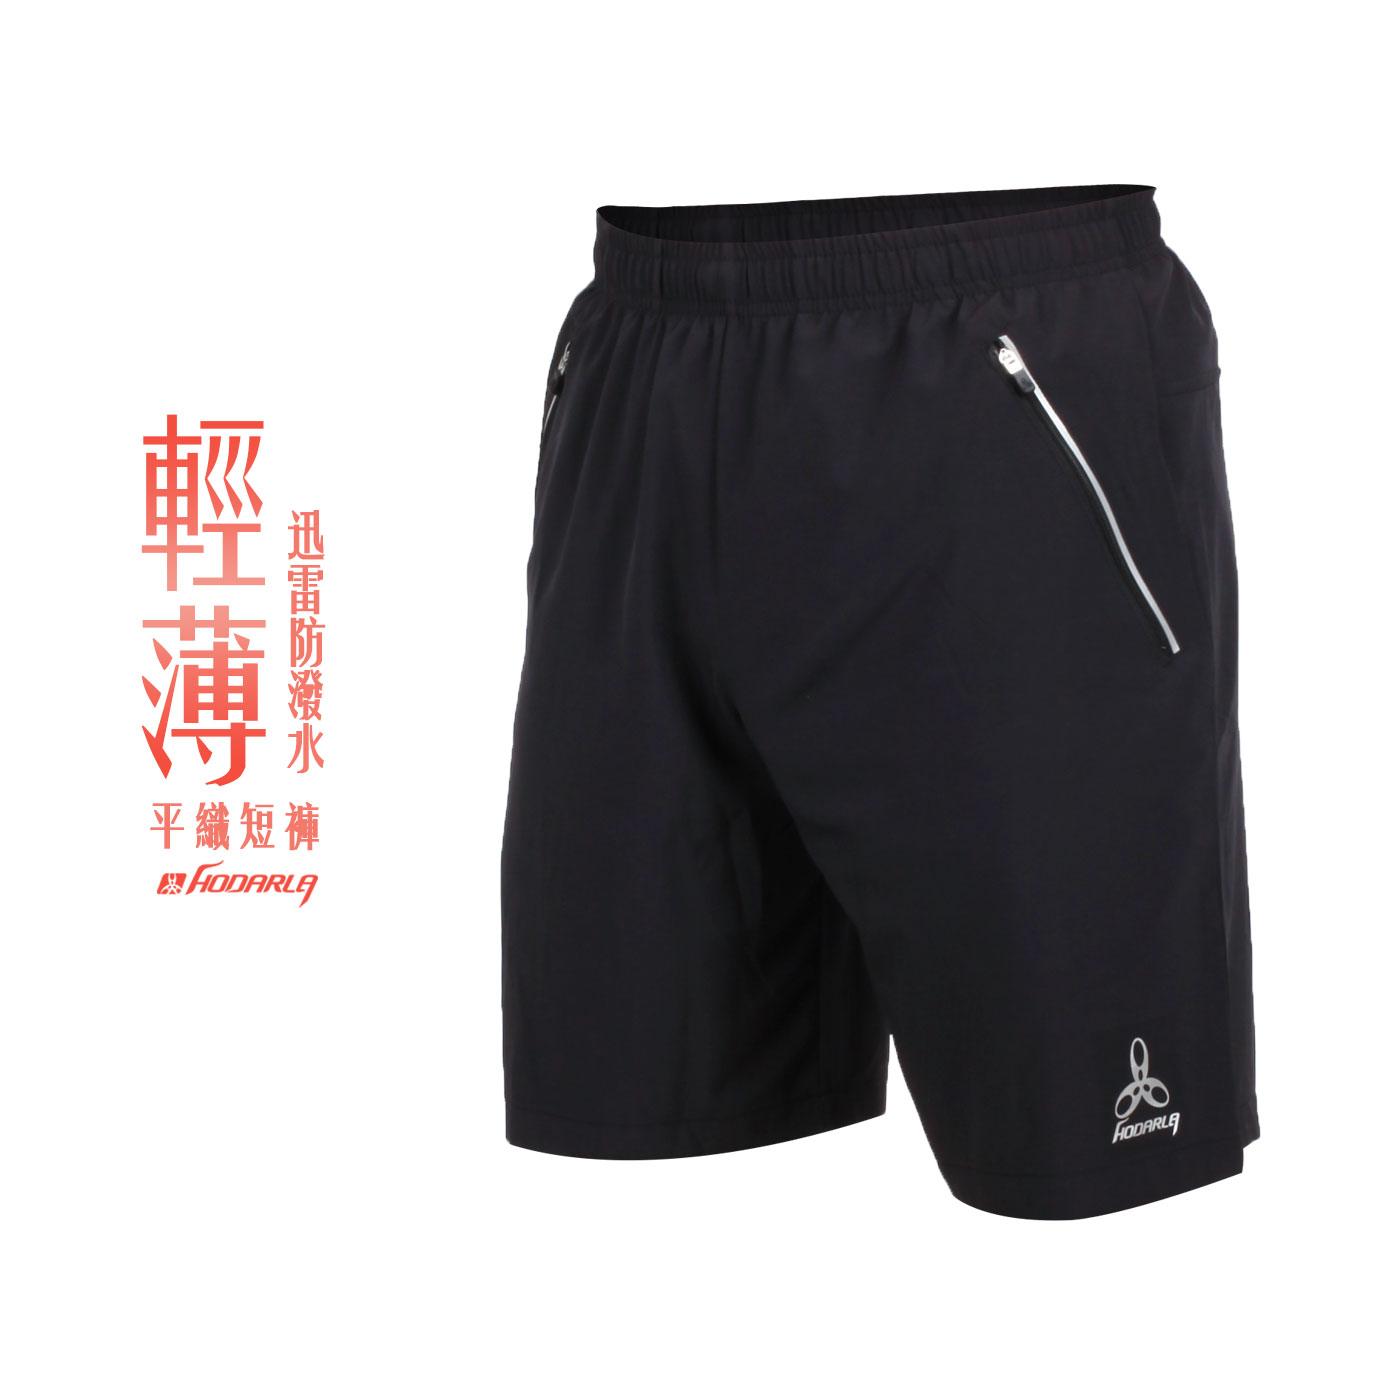 HODARLA 迅雷防潑水平織短褲 3151401 - 黑